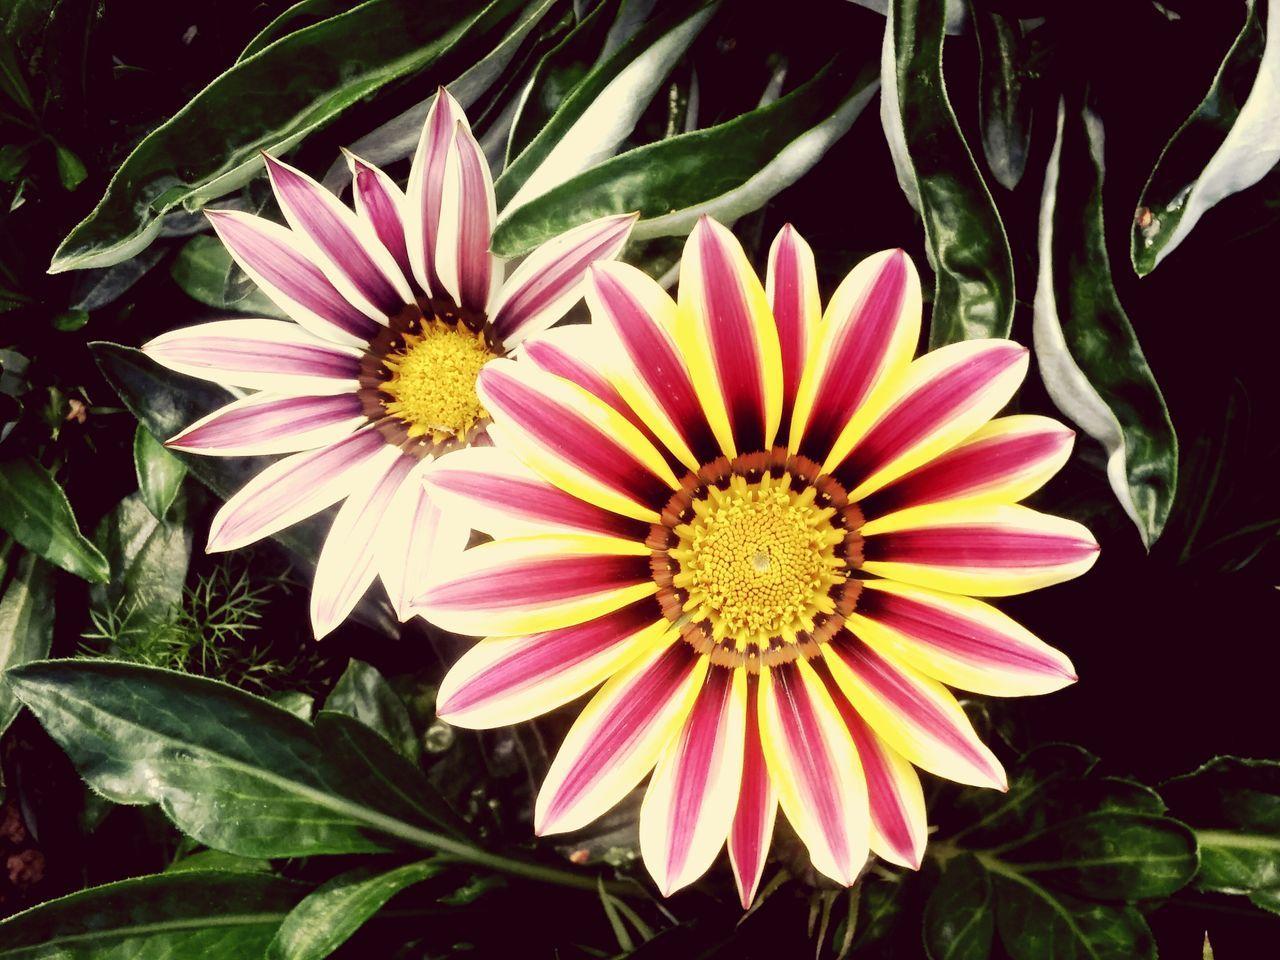 Mittagsblumengewächs Mittagsblume Flowers Flowerporn Flower Collection Flower Head Flowers,Plants & Garden Flower Photography Garden Photography Garden Gardening Garden Flowers Gardenia